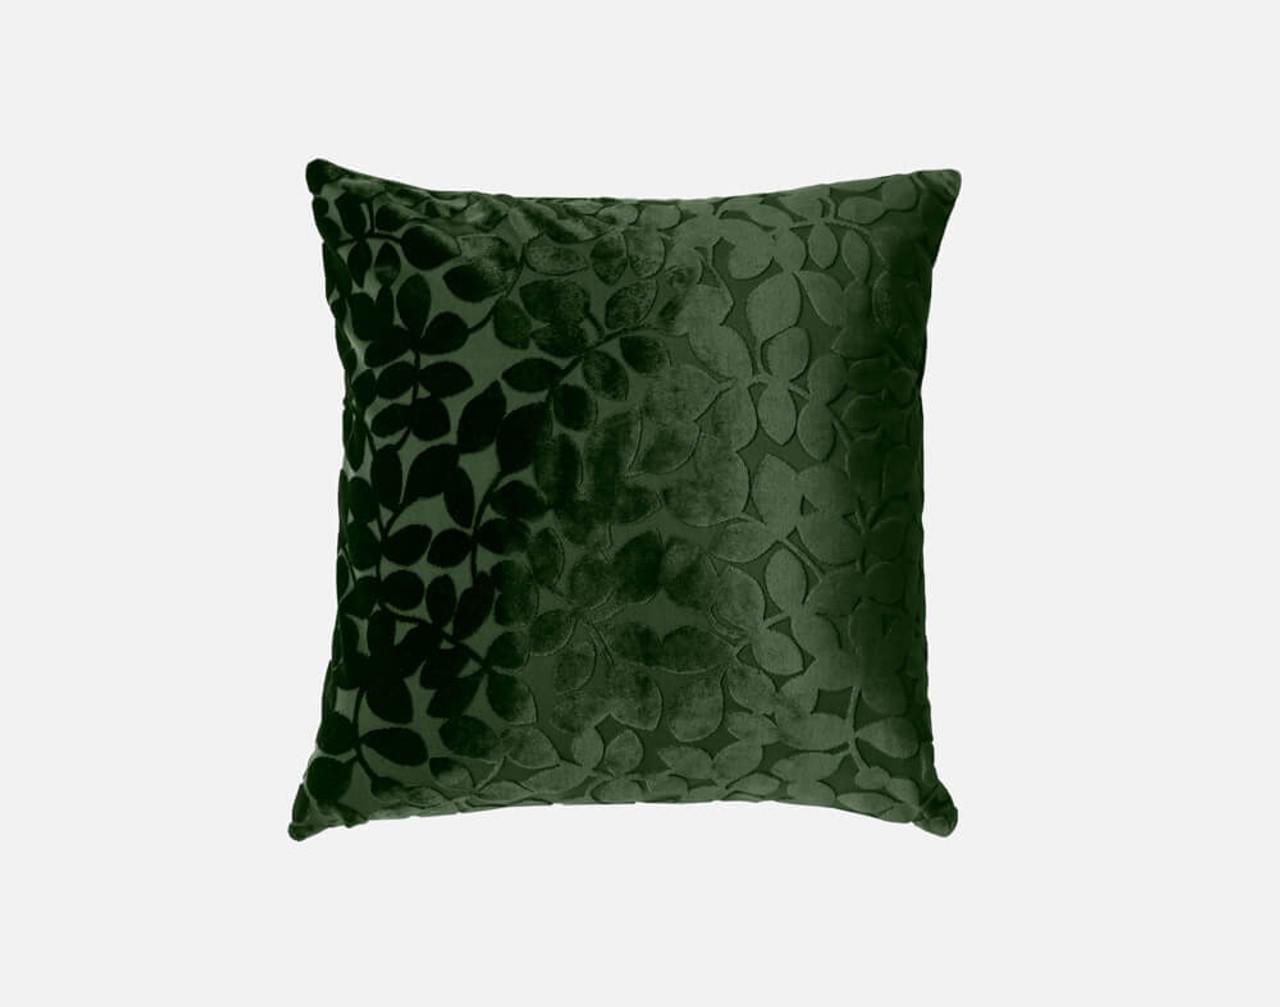 Velvet Vine Square Cushion in Rainforest, a dark green.